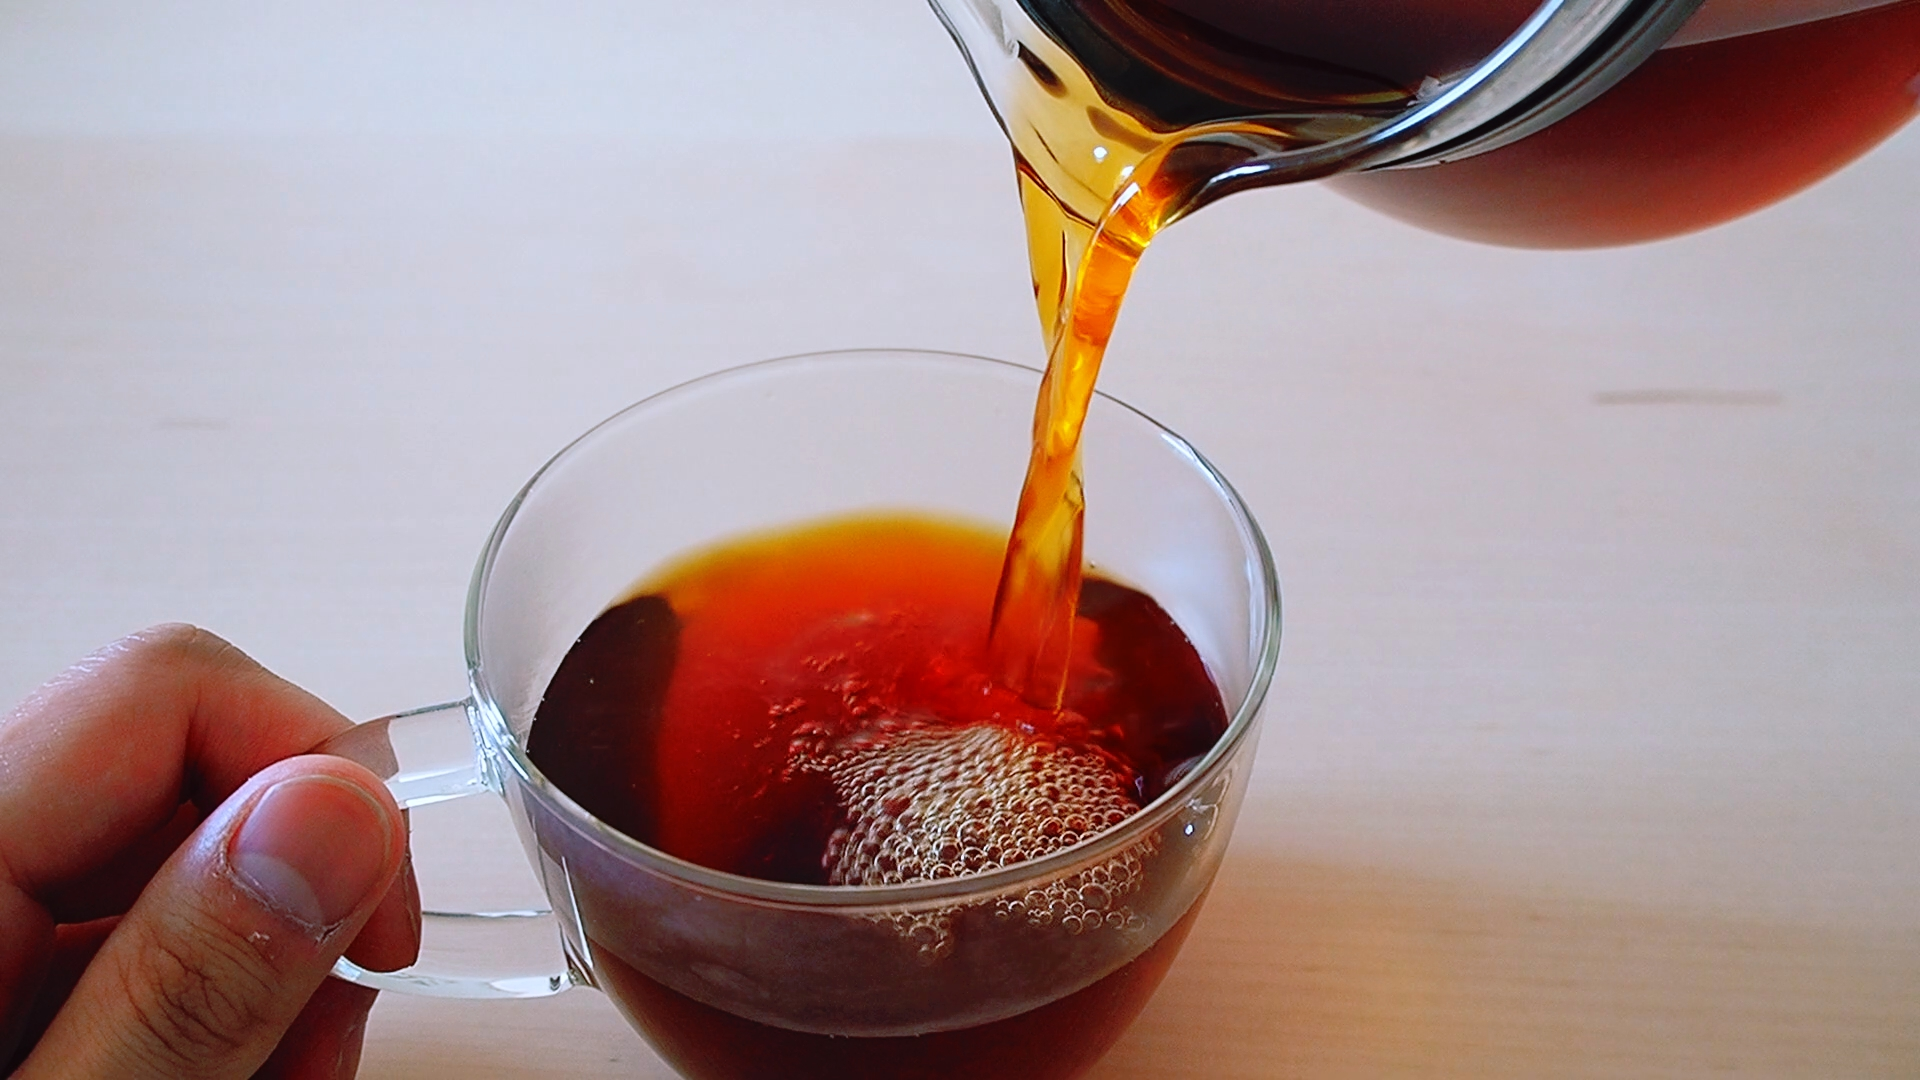 SÖT COFFEE